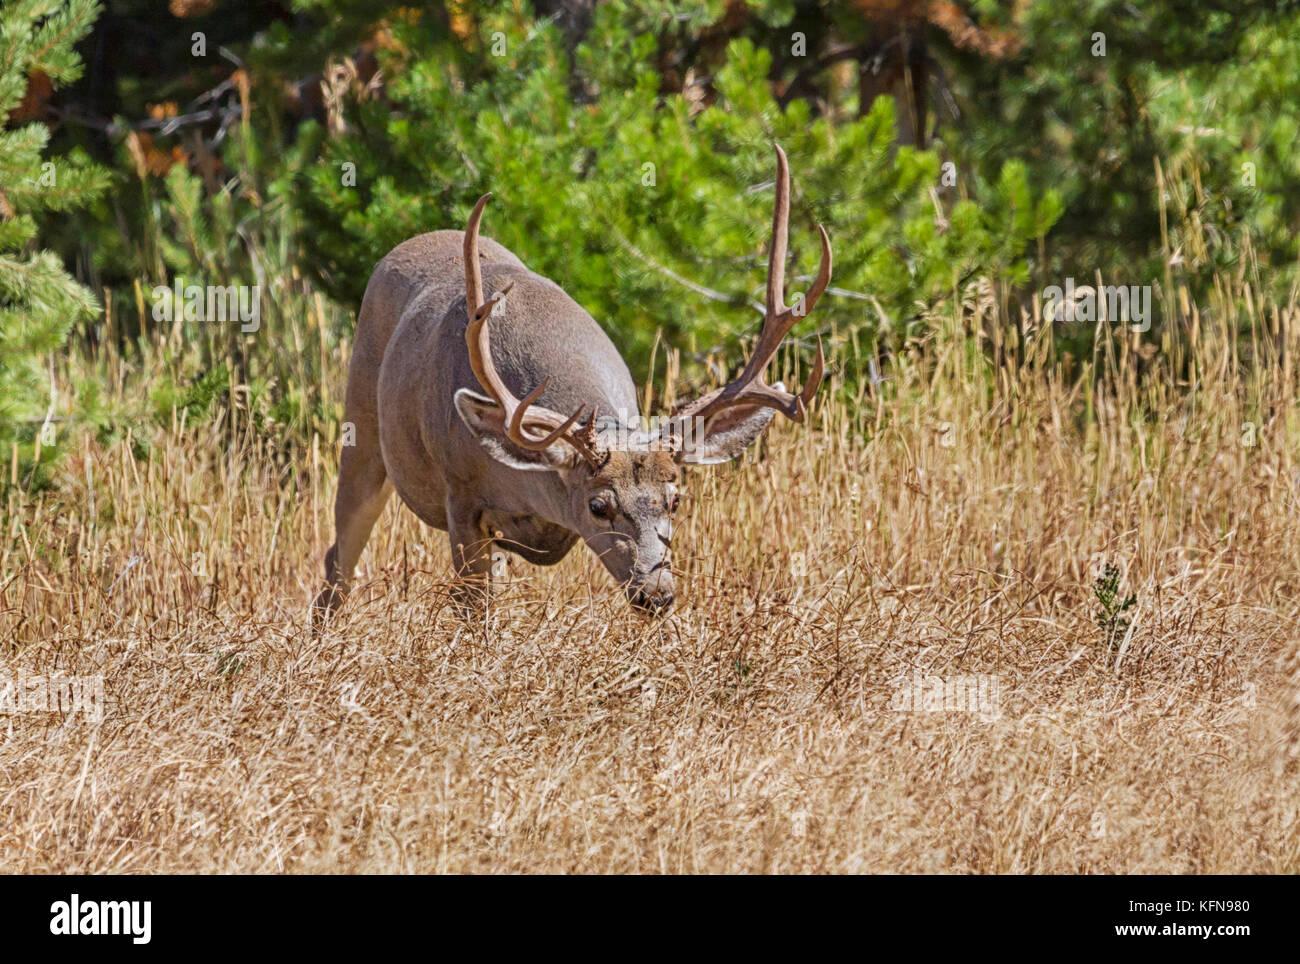 Mule deer (Odocoileus hemionus) is indigenous to western North America - Stock Image